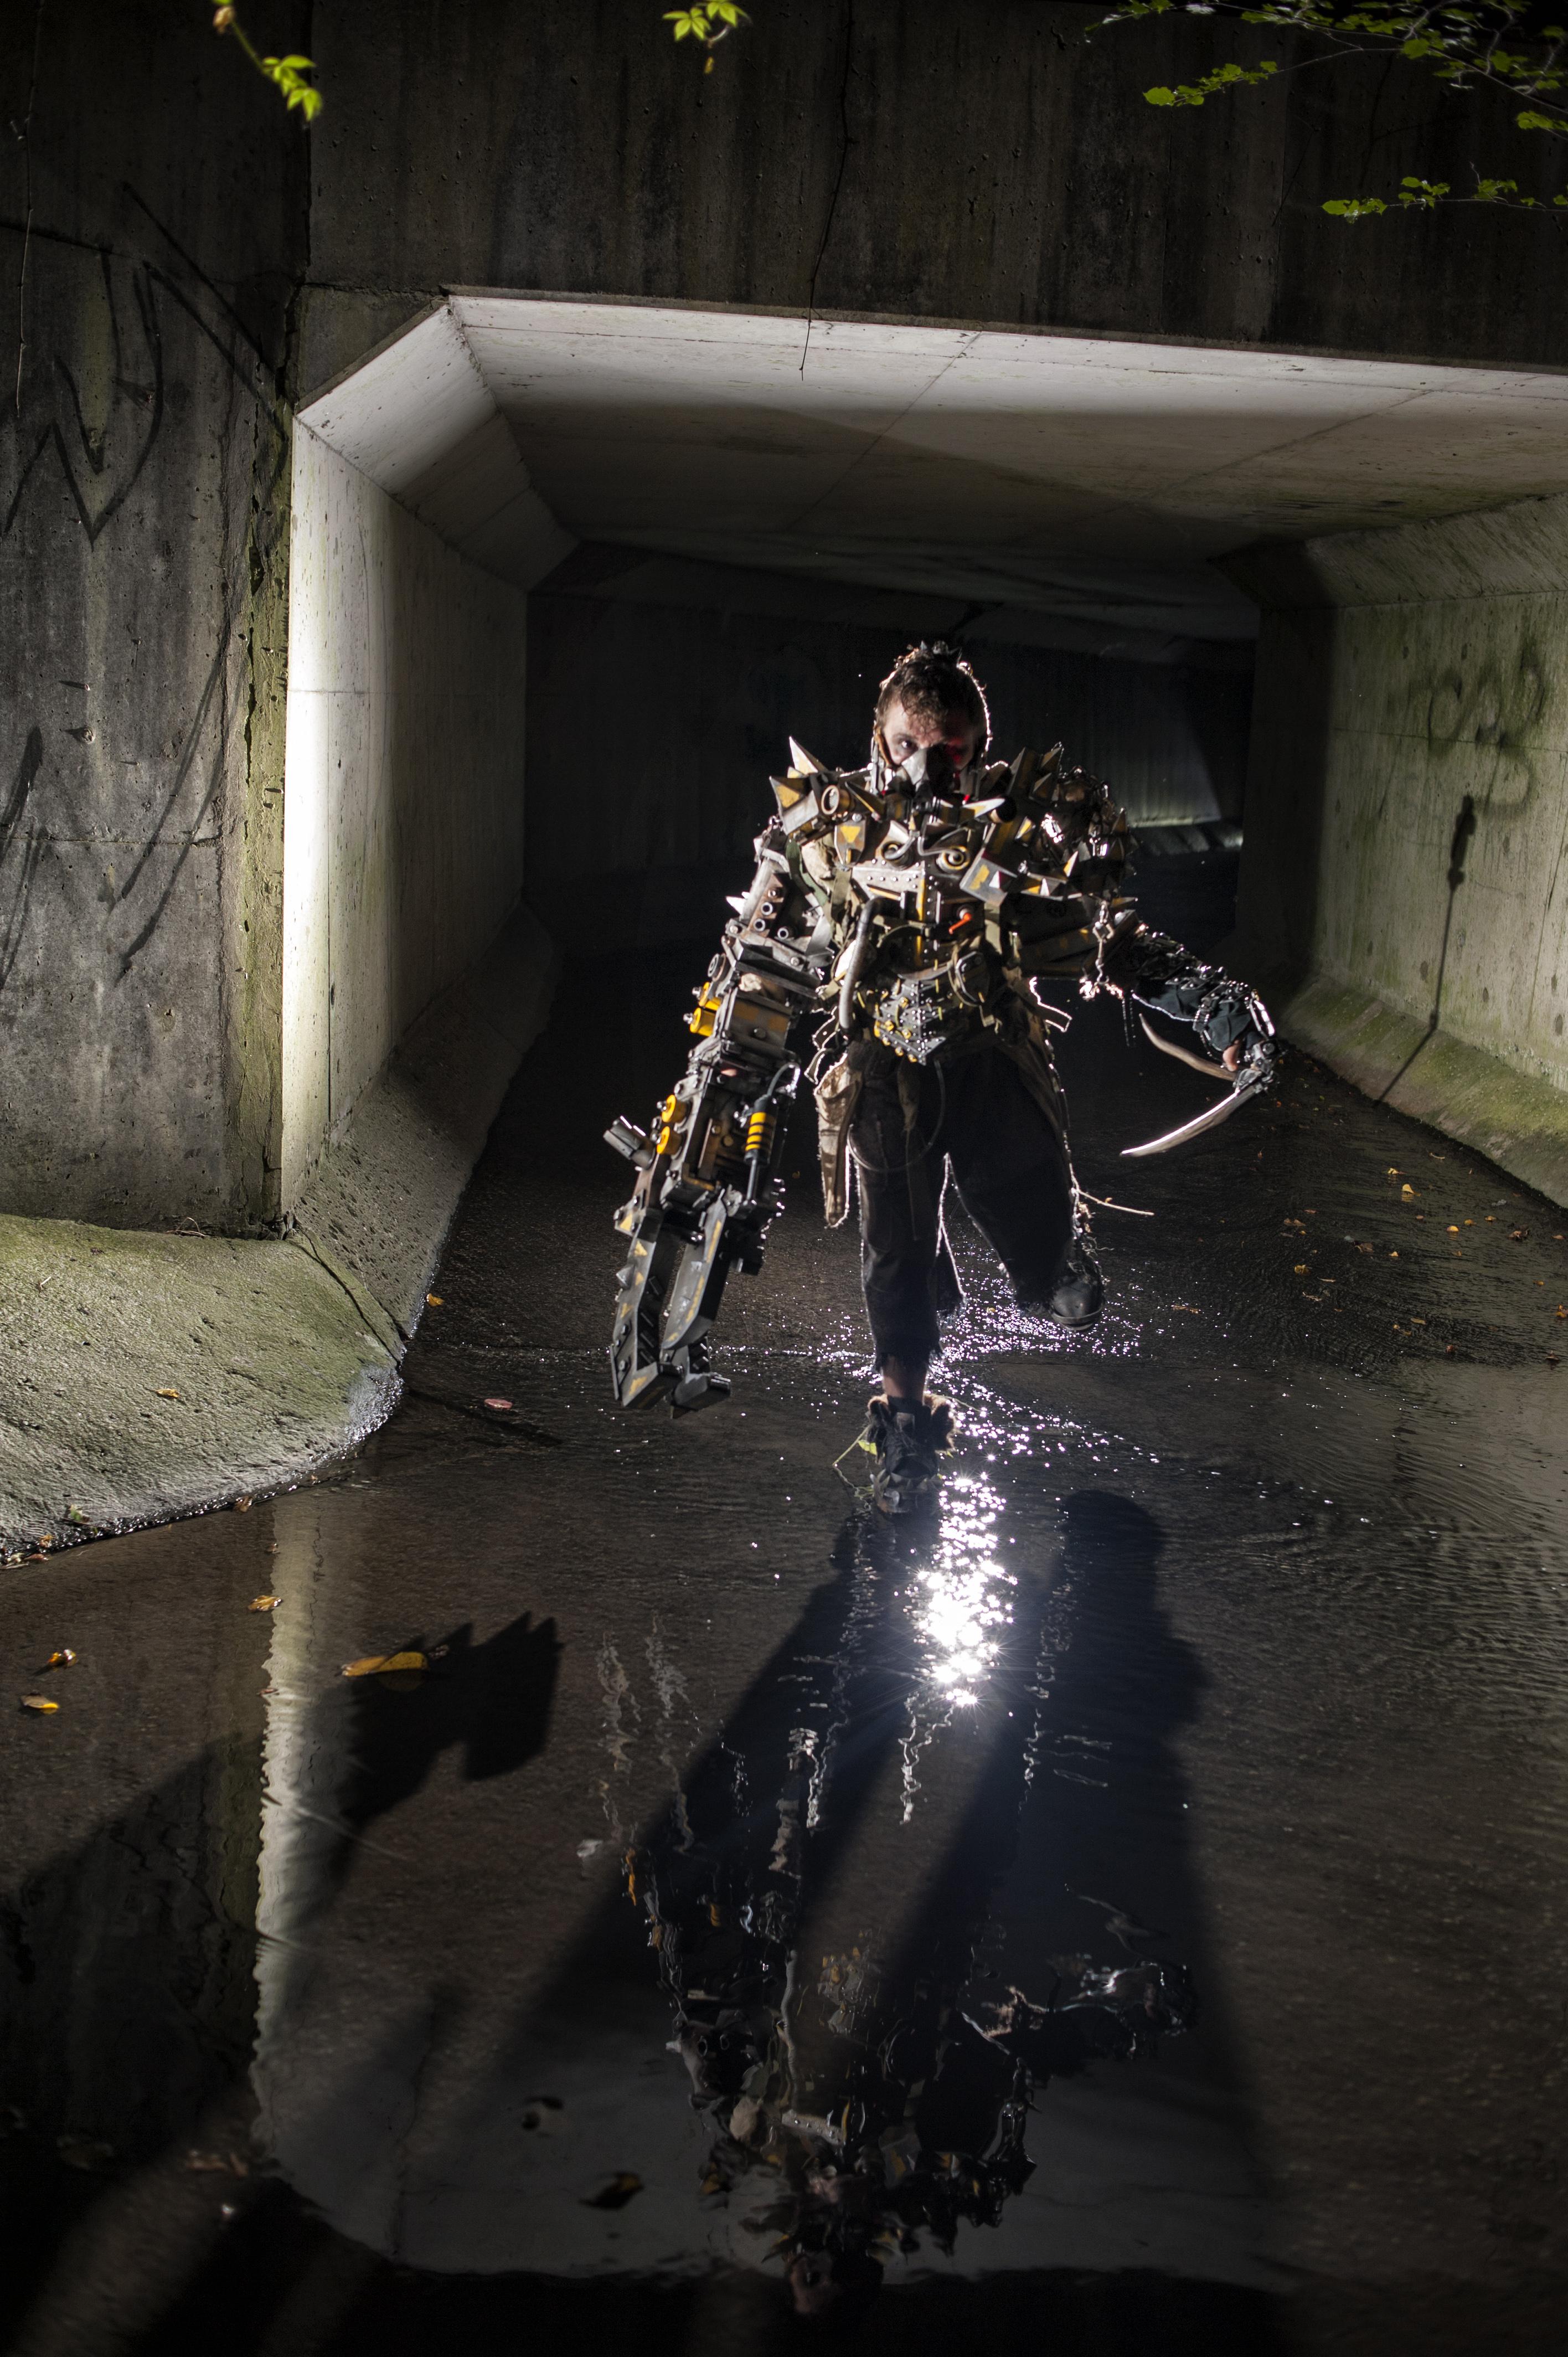 fallout power armor powerfist